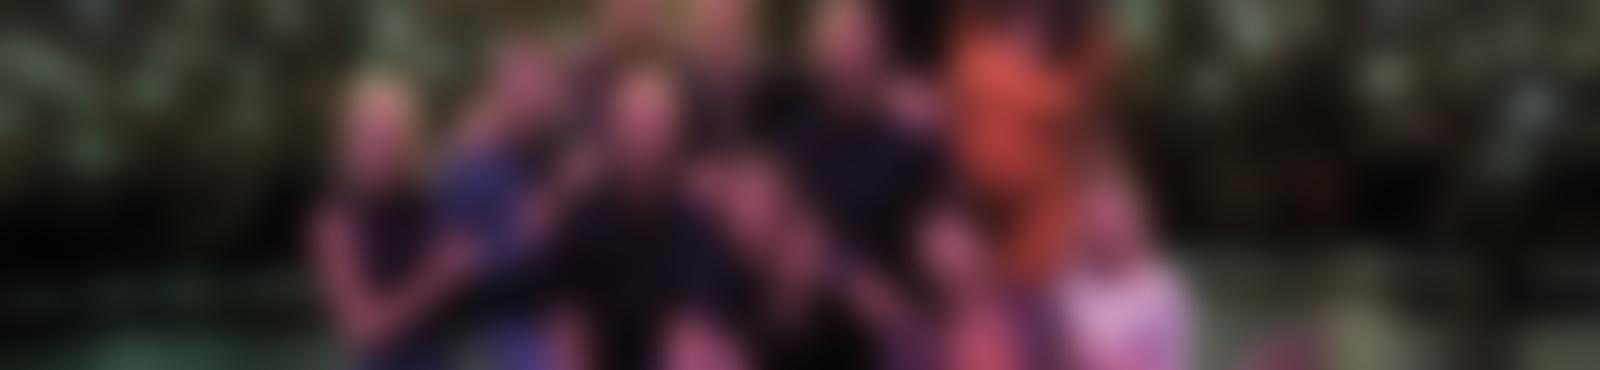 Blurred d9efba49 9f29 4590 b8ec 9301a707f653